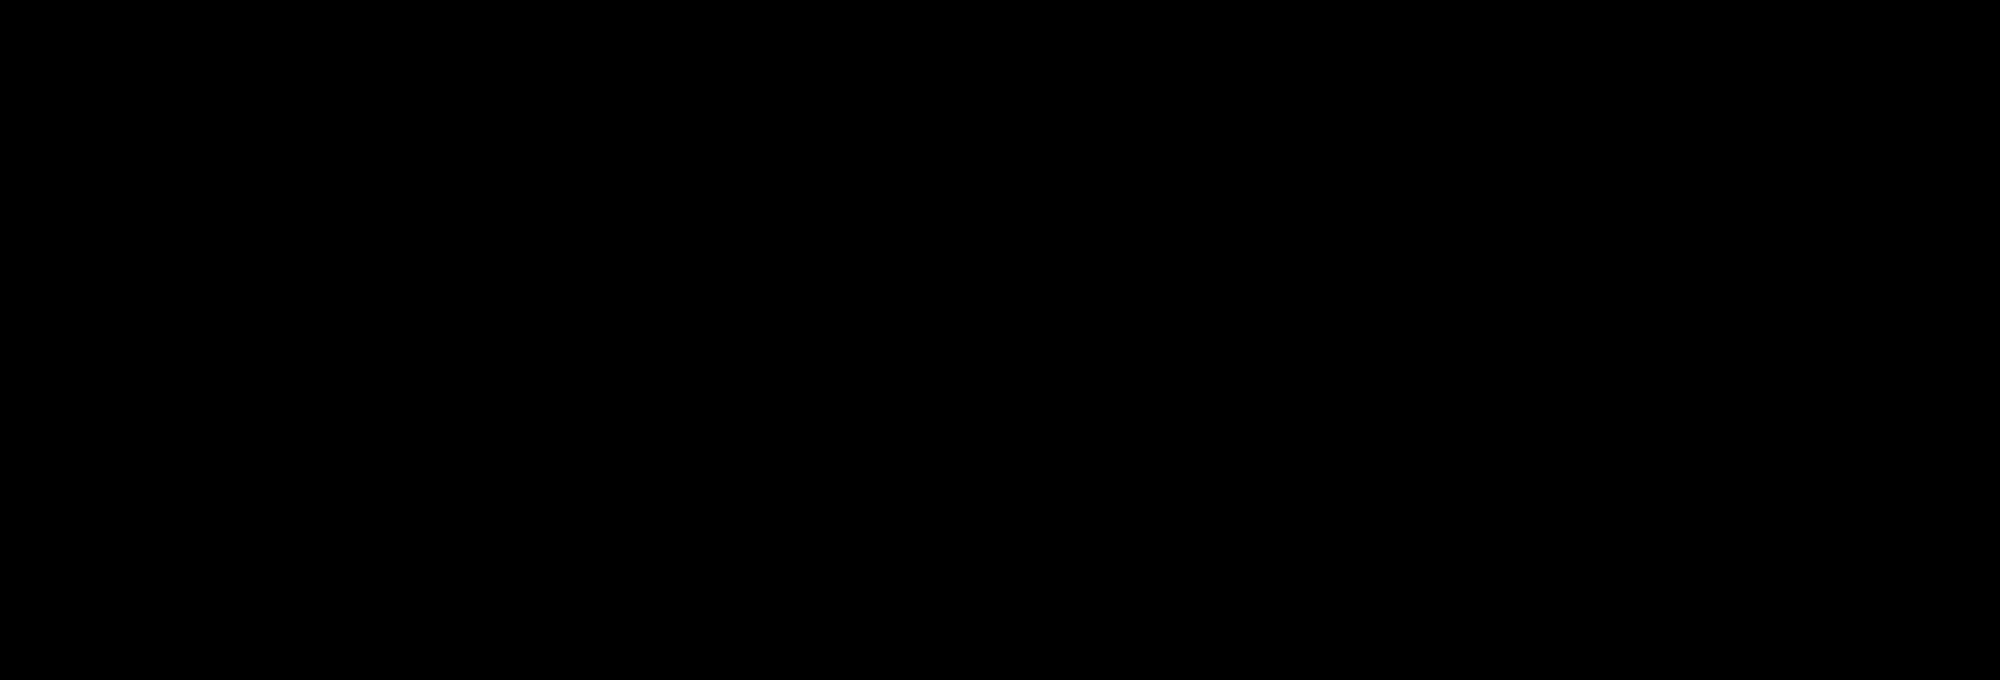 Ufc PNG - 82438